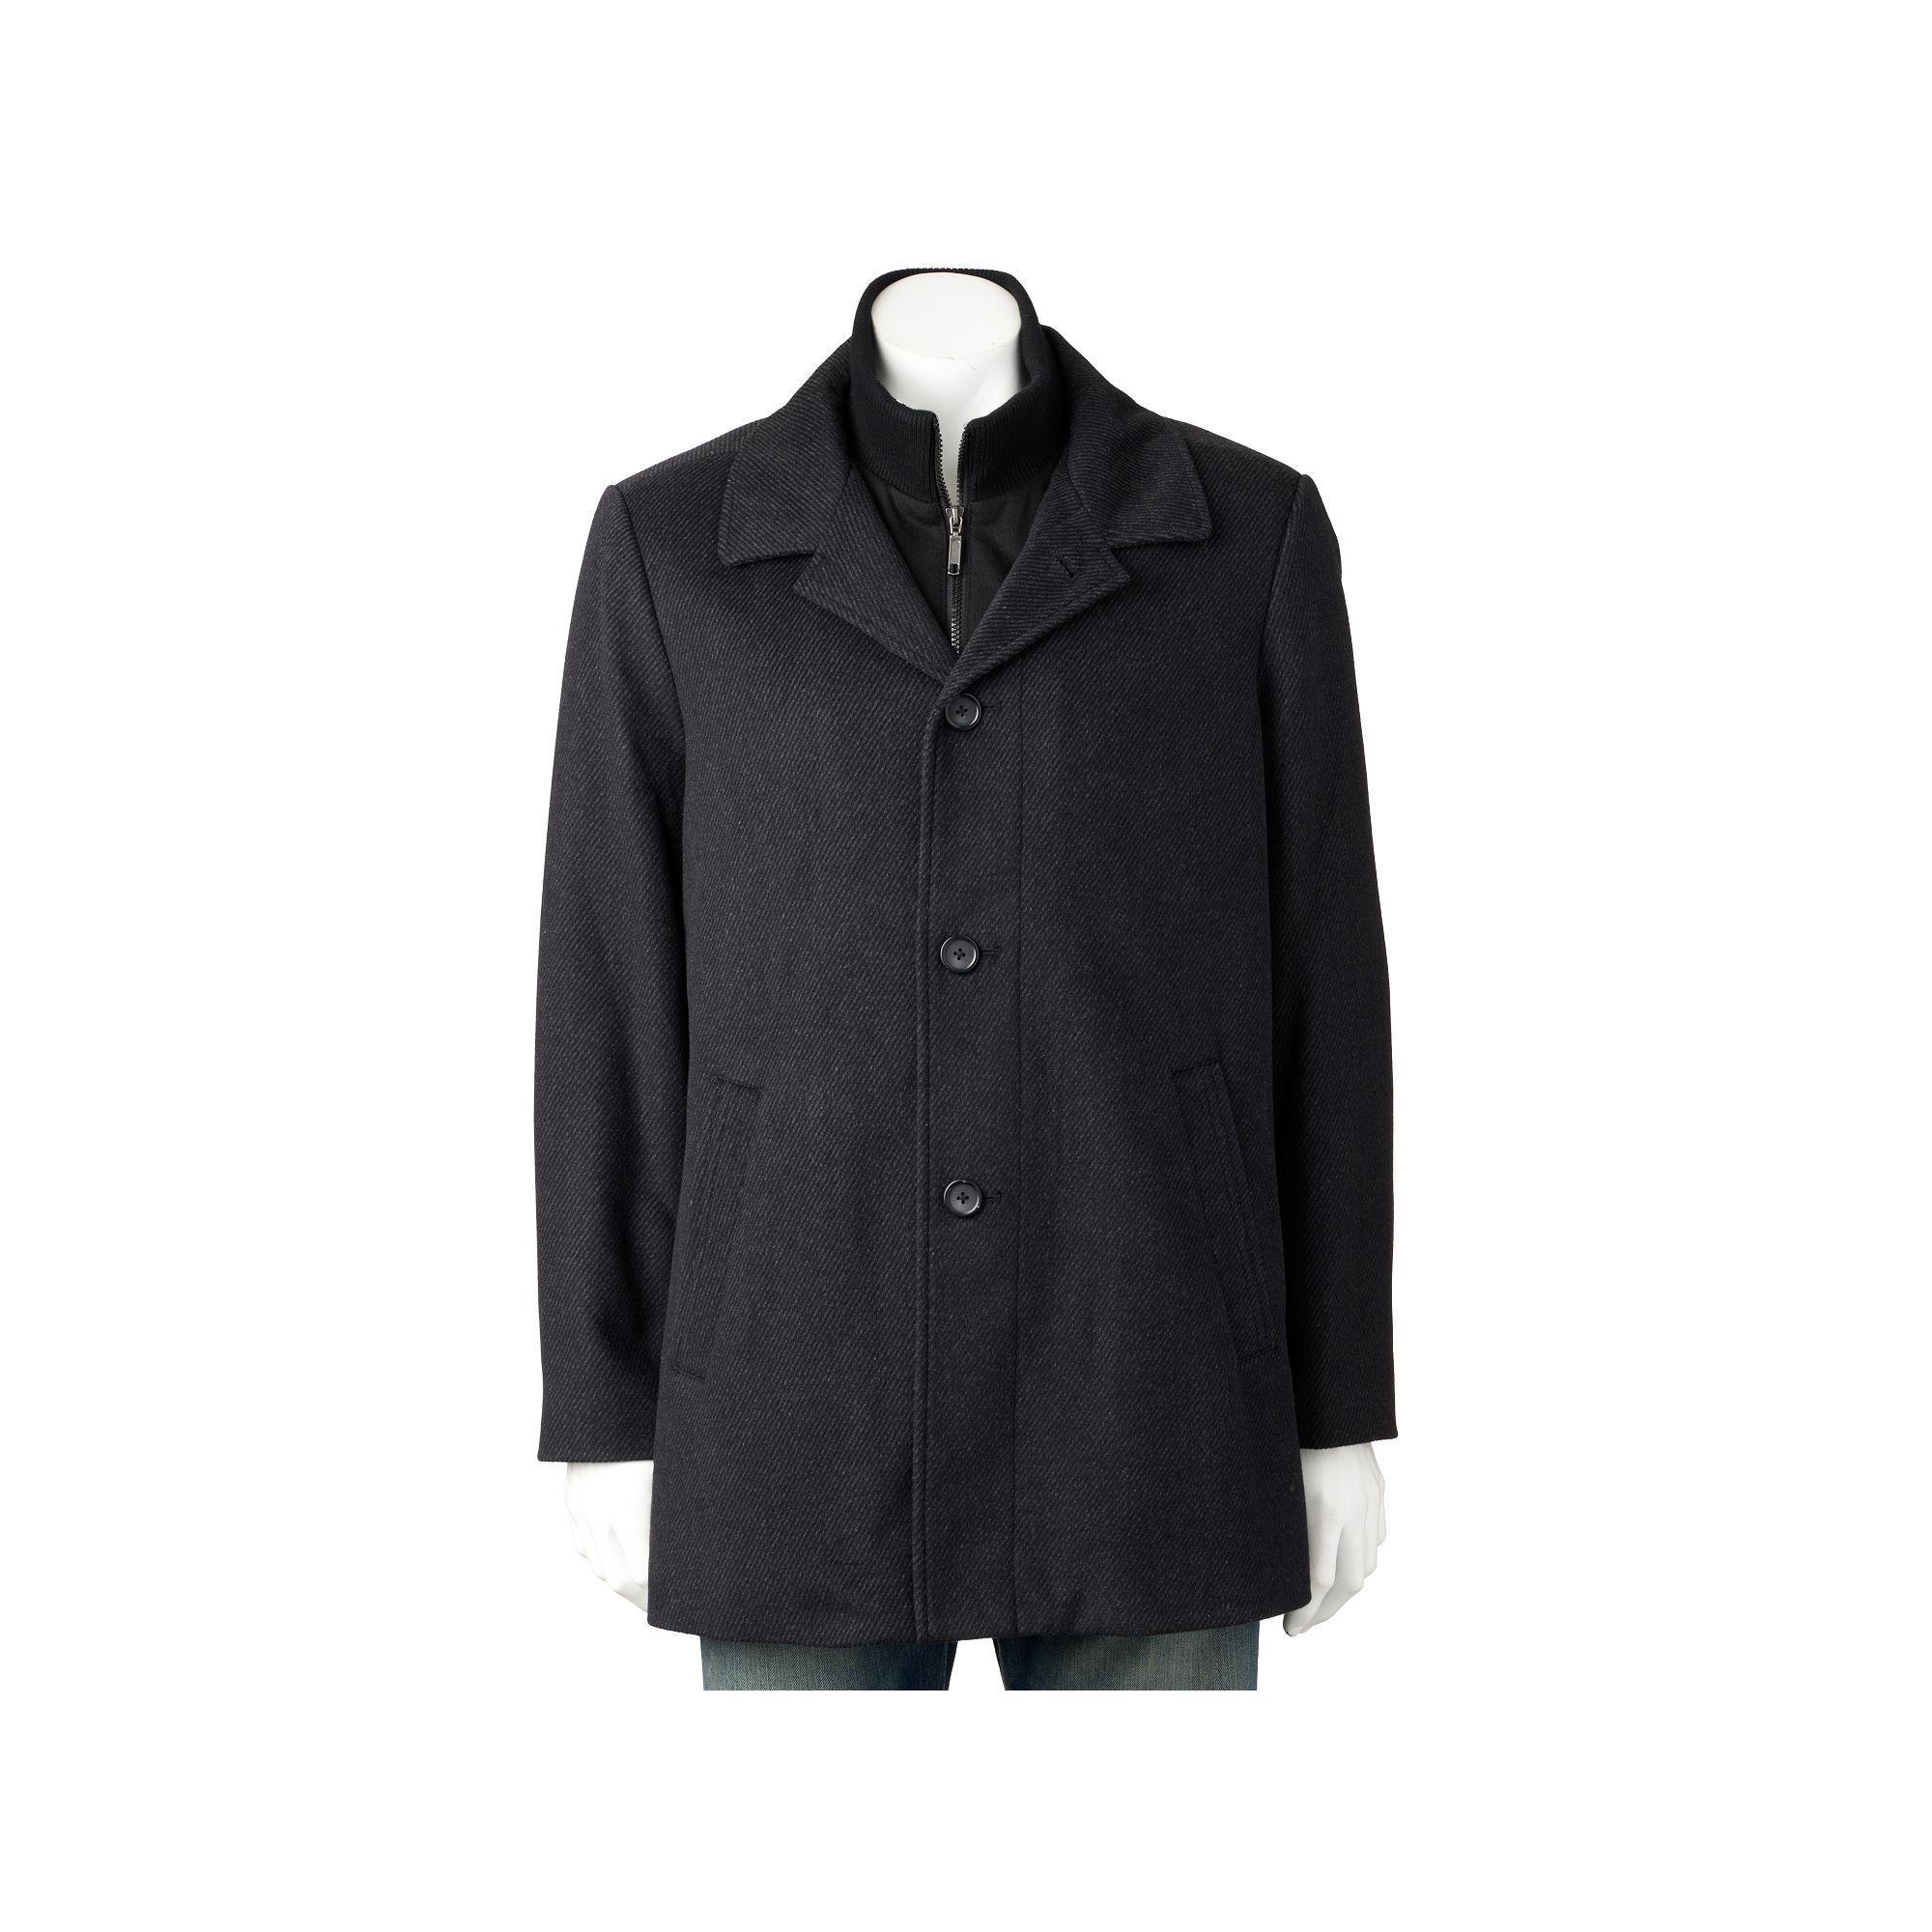 Billy London Slim-Fit 34-in. Wool-Blend Car Coat, Size: 48 ...